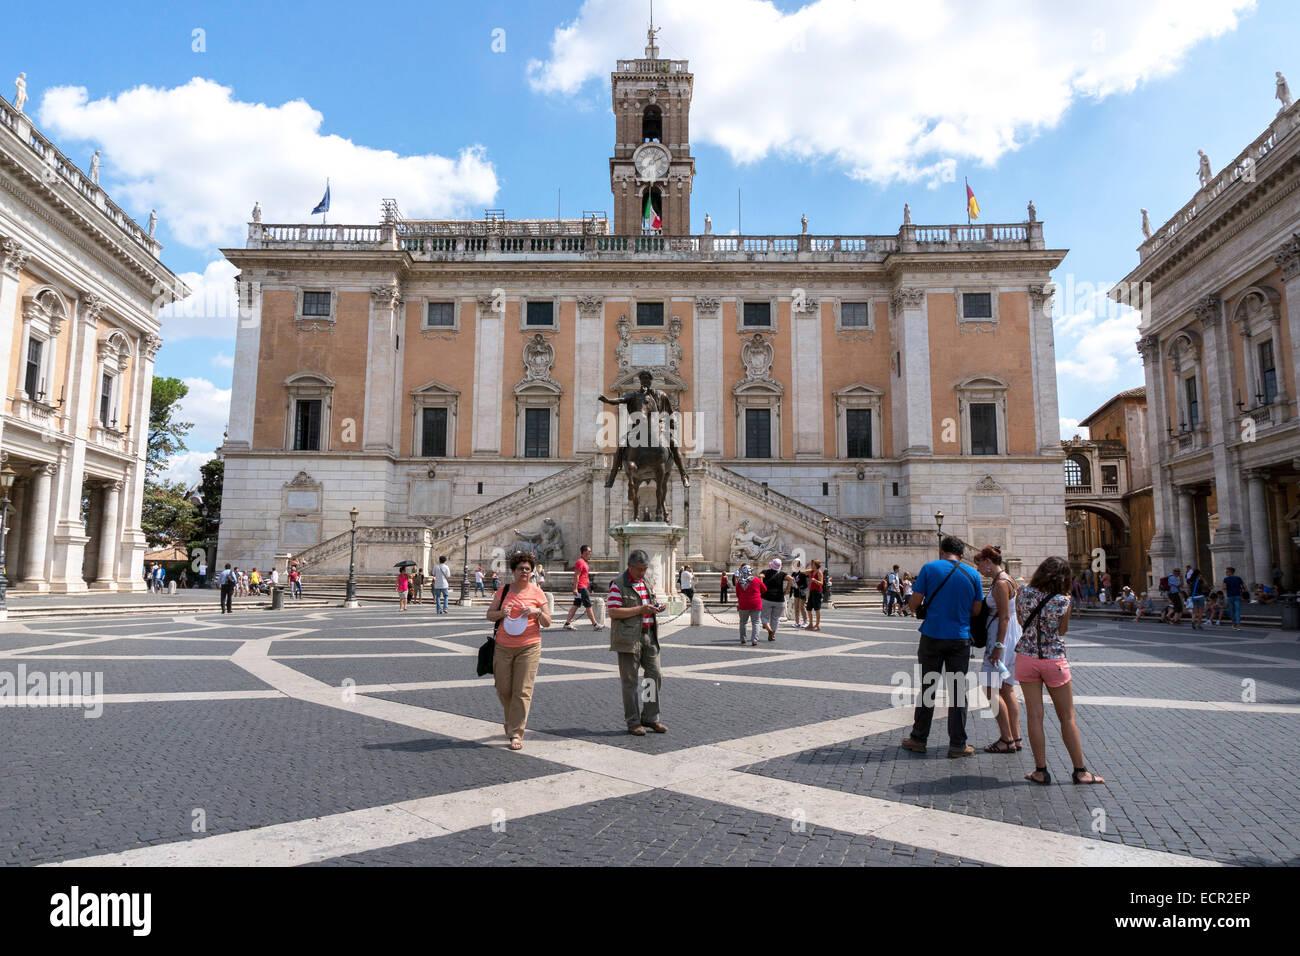 Italy: Piazza del Campidoglio and the Palazzo Senatorio, Rome. Photo from 5. September 2014. Stock Photo